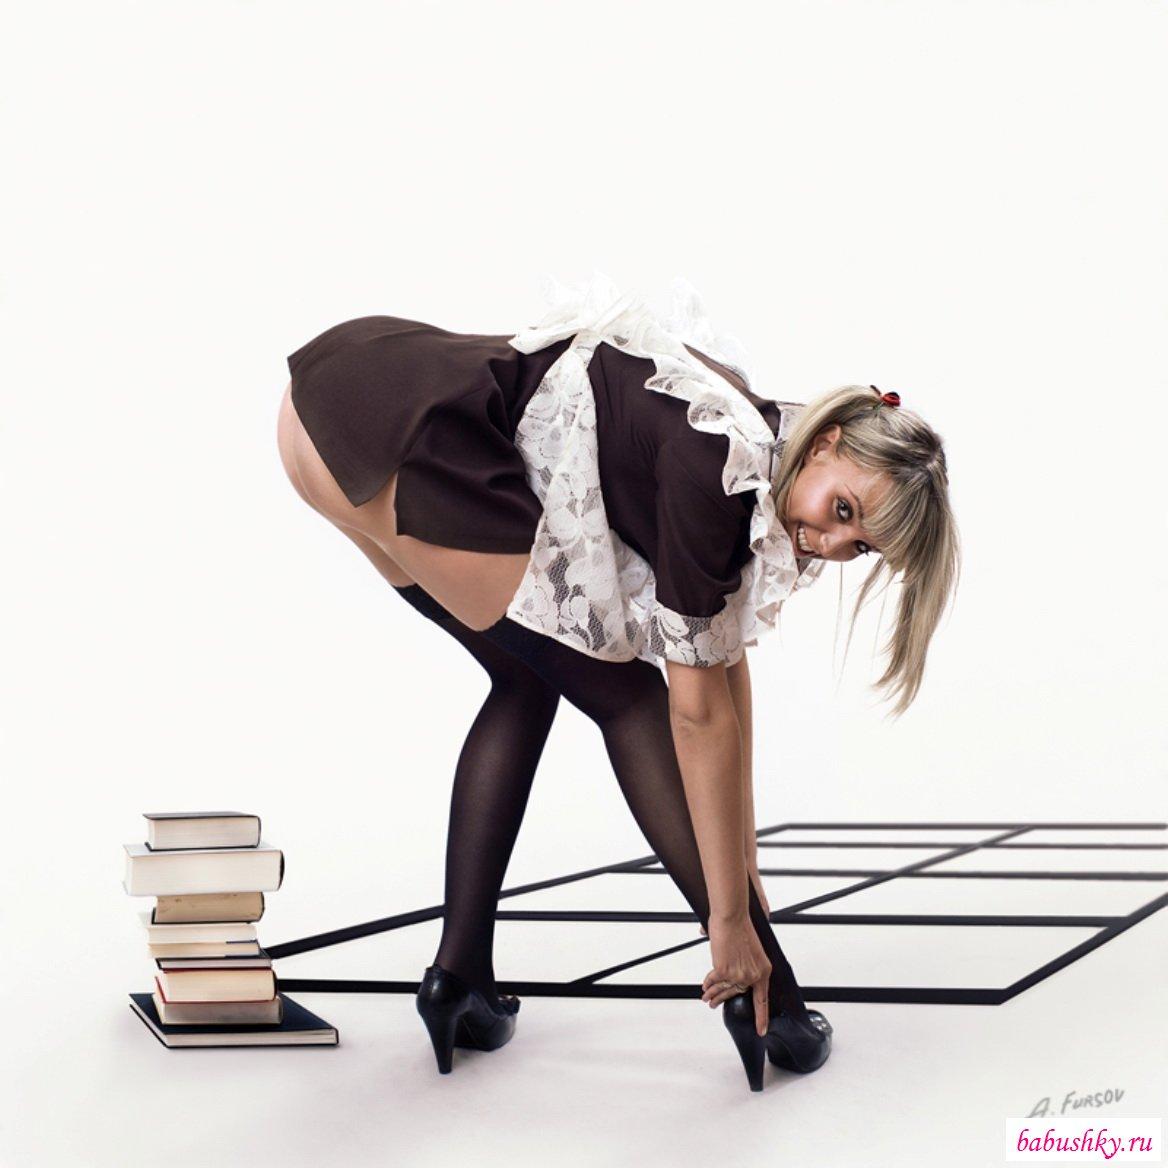 Порнофото выпускница